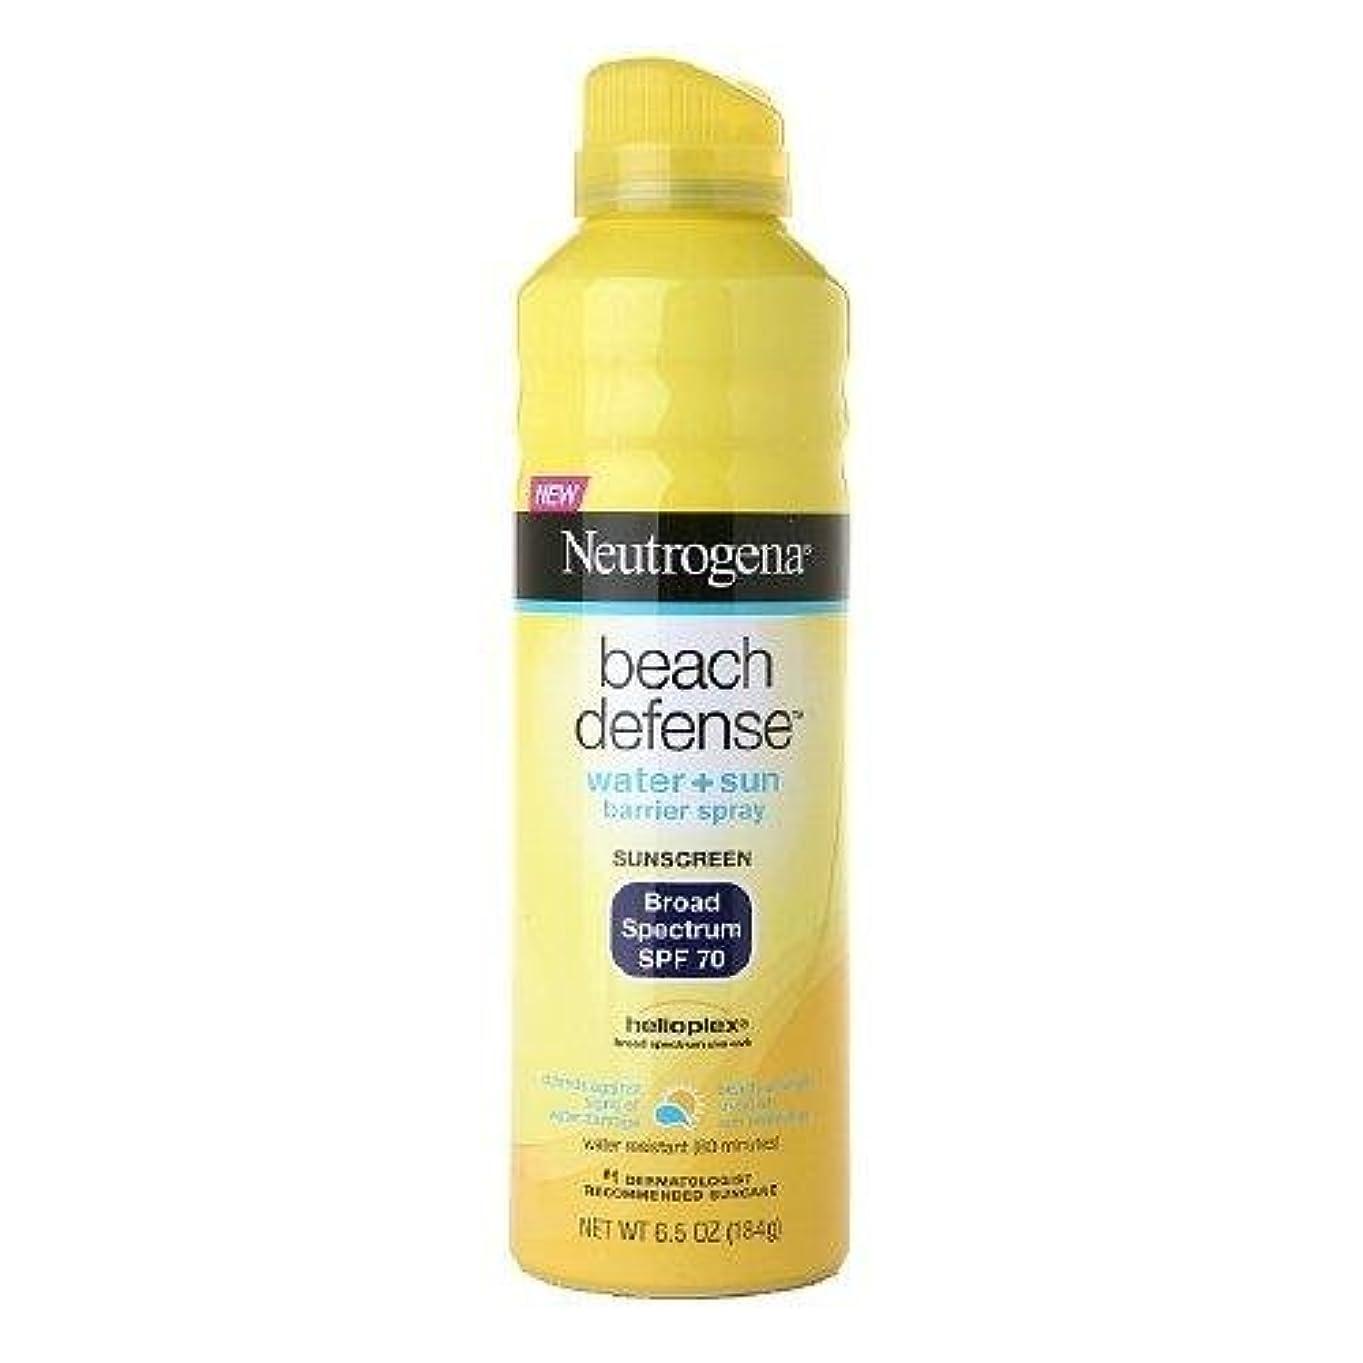 盲信フローティング線形【海外直送品】 ニュートロジーナ 皮膚科推薦 日焼け止めスプレー SPF70 184g  Neutrogena Beach Defense Broad Spectrum Sunscreen Spray, SPF 70,...